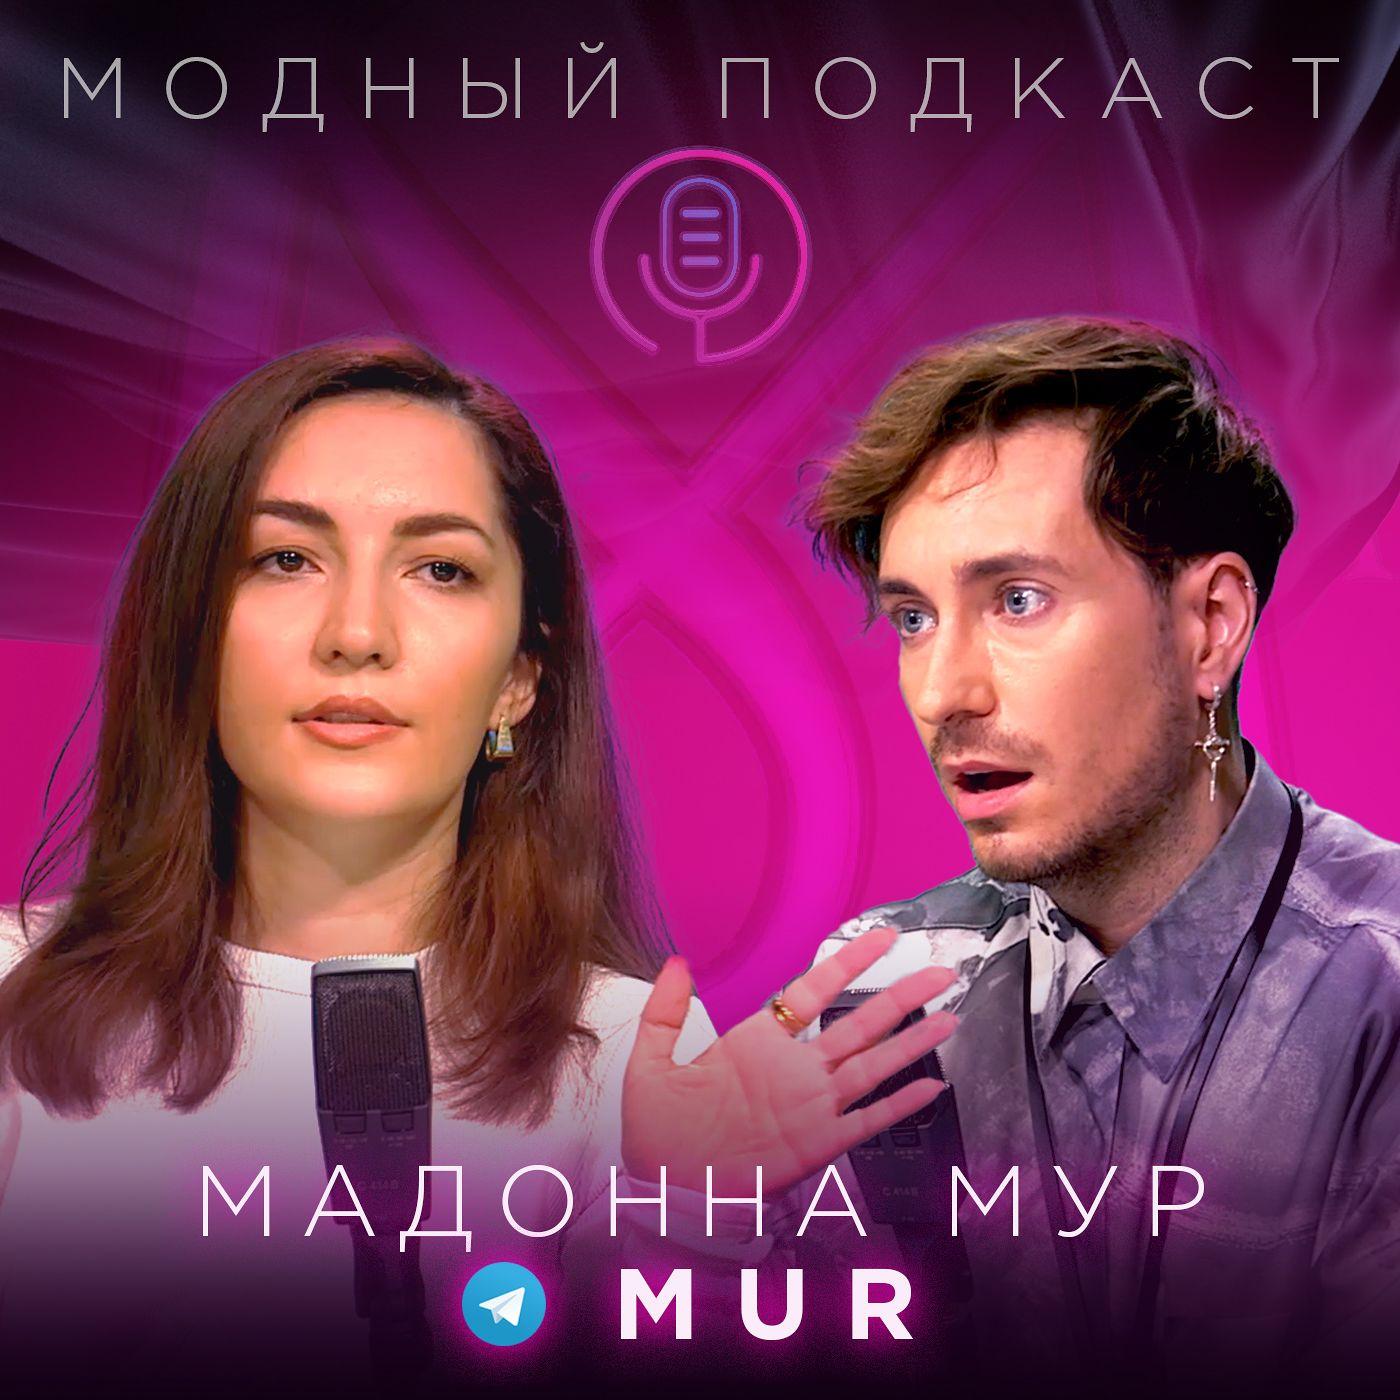 Мадонна Мур. Telegram и «заказуха», срачи в Clubhouse и VOGUE без Маши Федоровой